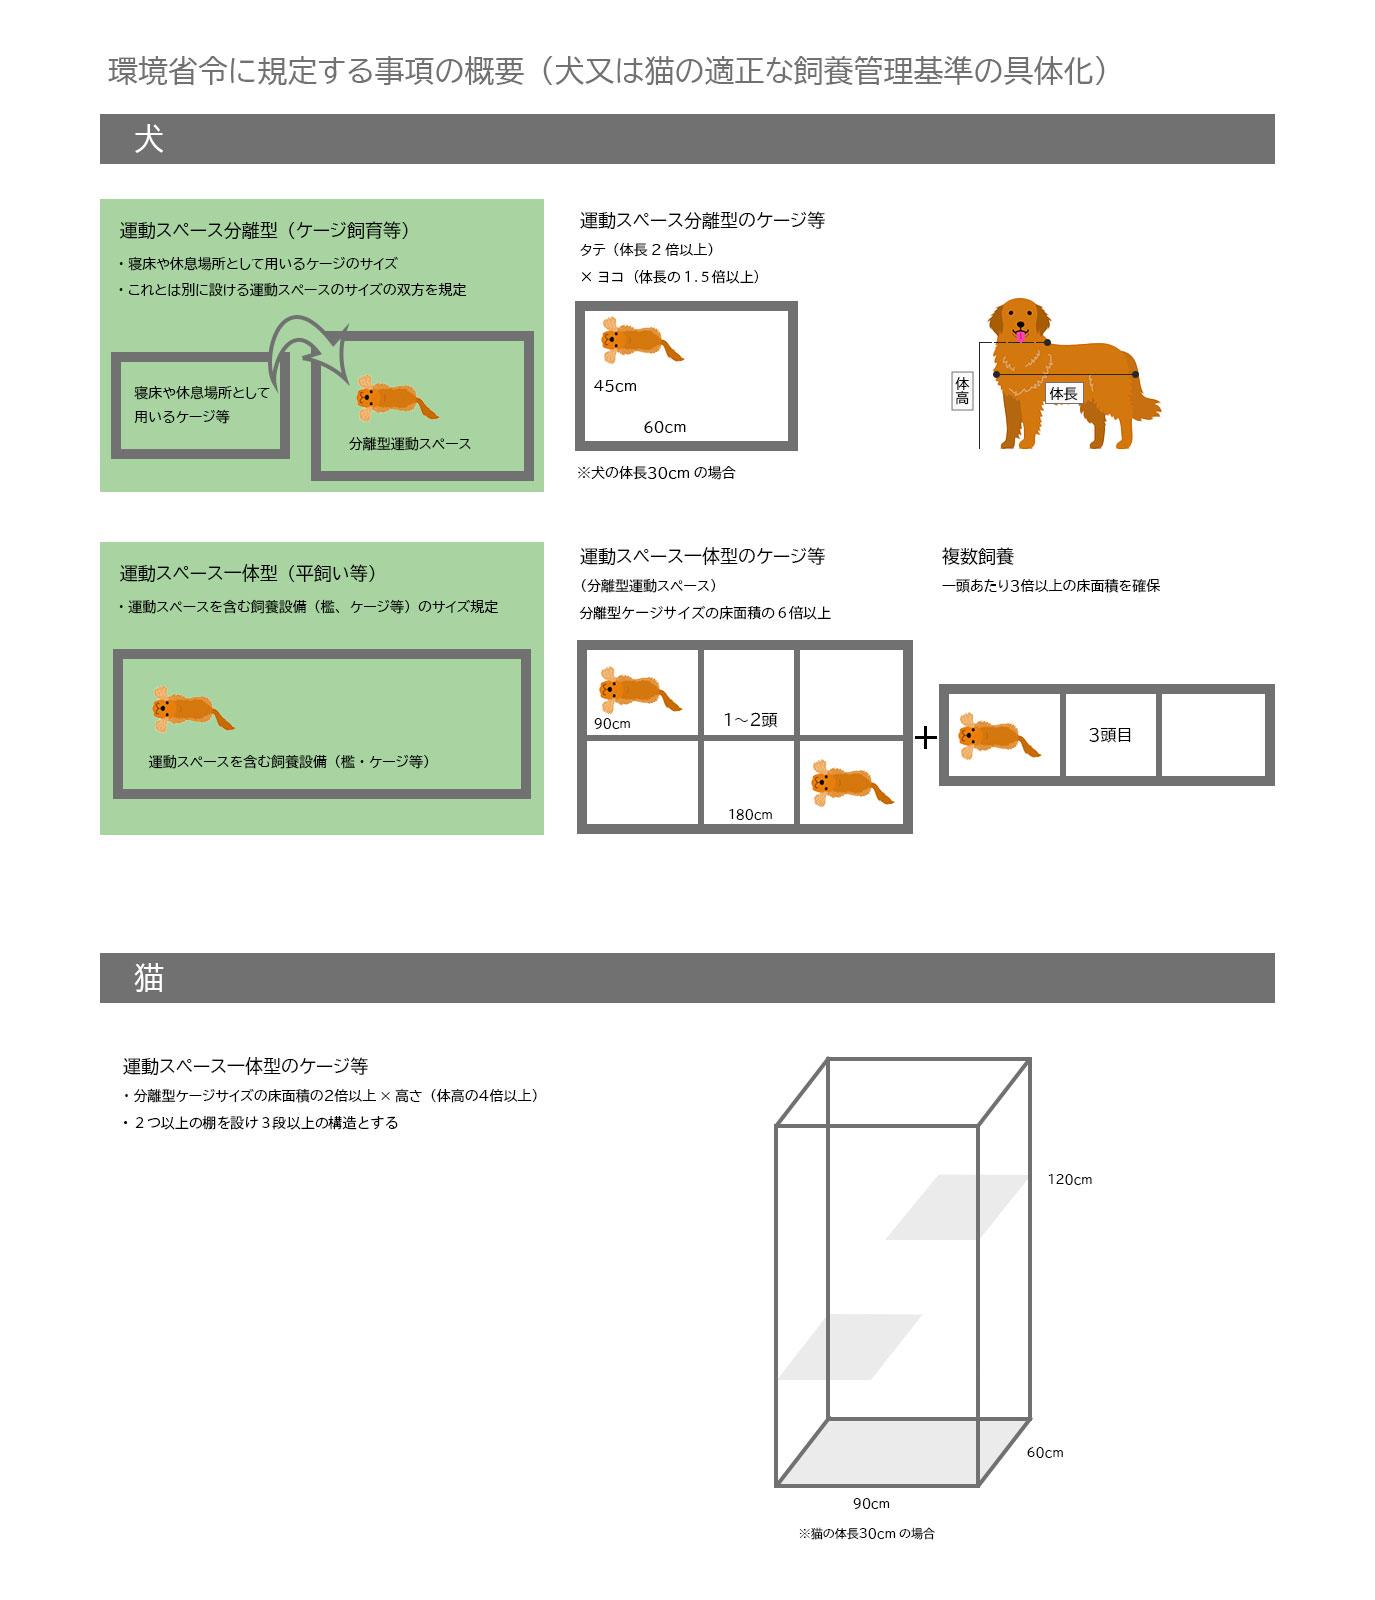 飼養設備の規模について